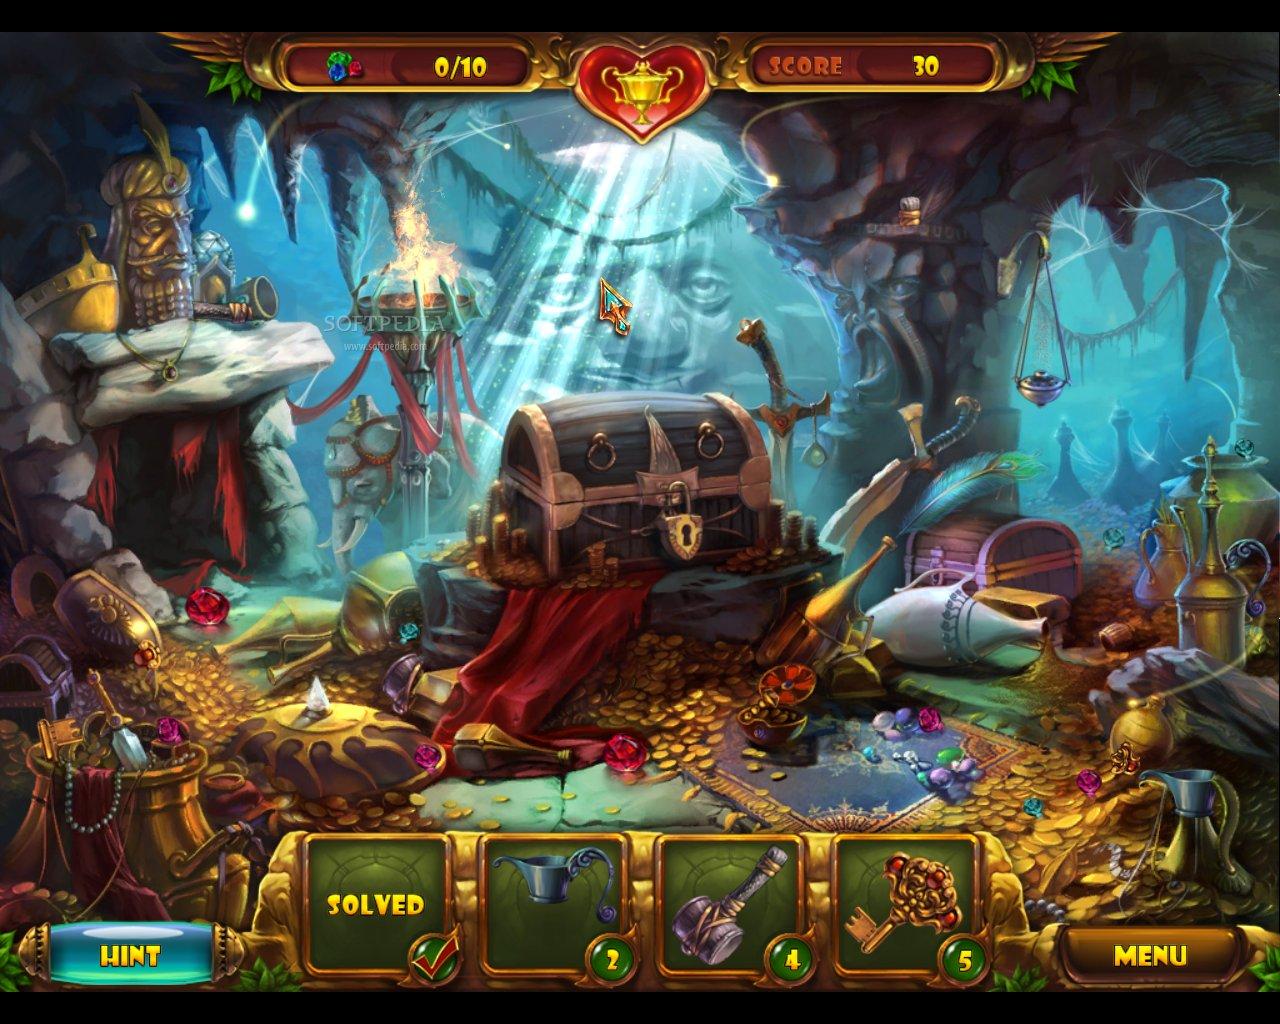 Cyberlink power dvd ultra 11.0.0.1719.51 uk